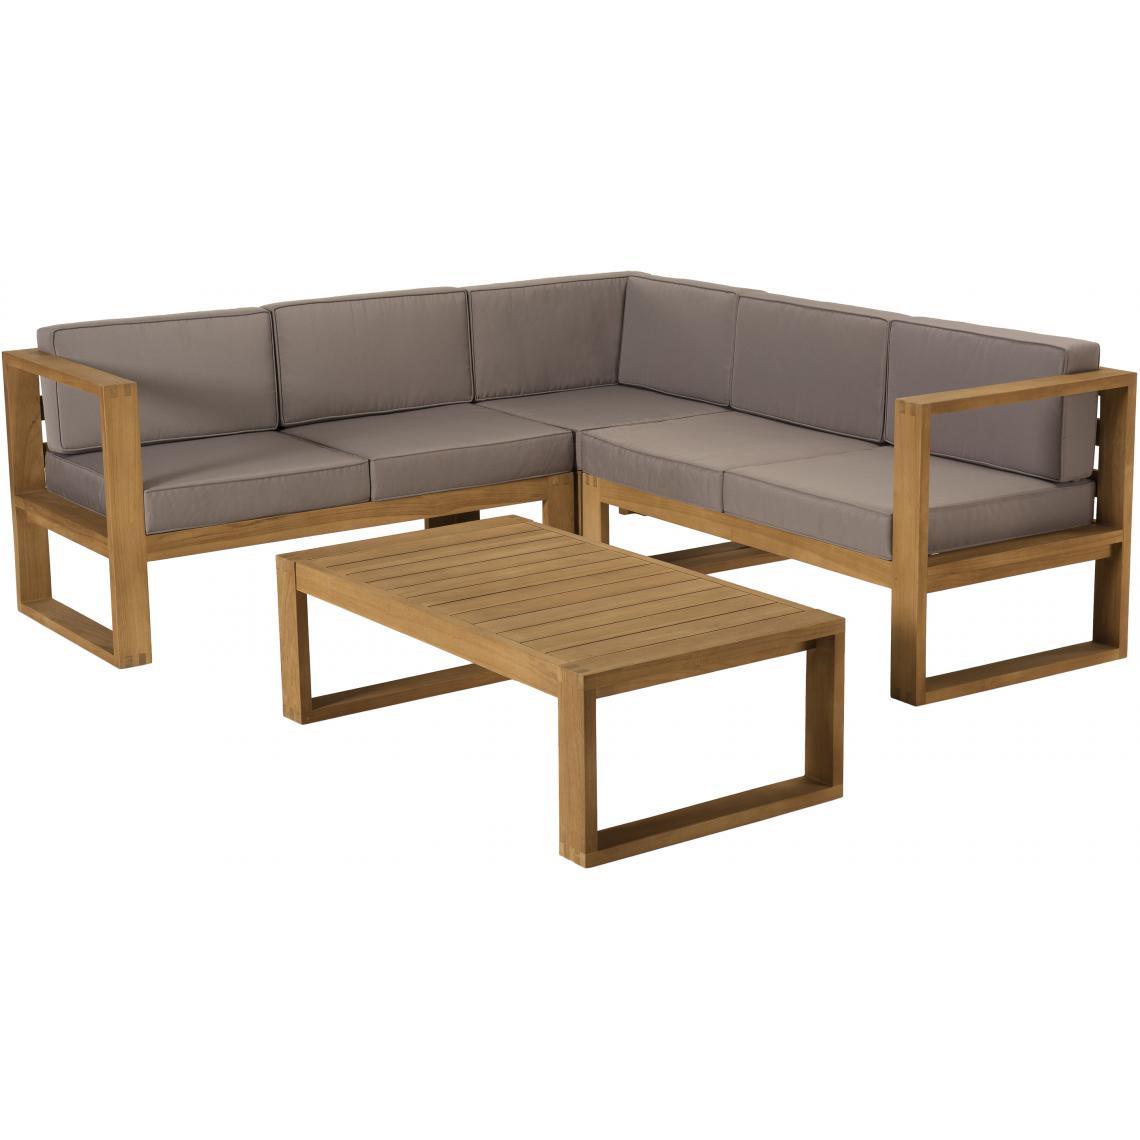 Salon De Jardin Minorque Table Basse Teck + Canapé D'angle 5 Places Plus  D's intérieur Salon De Jardin En Bois Pas Cher